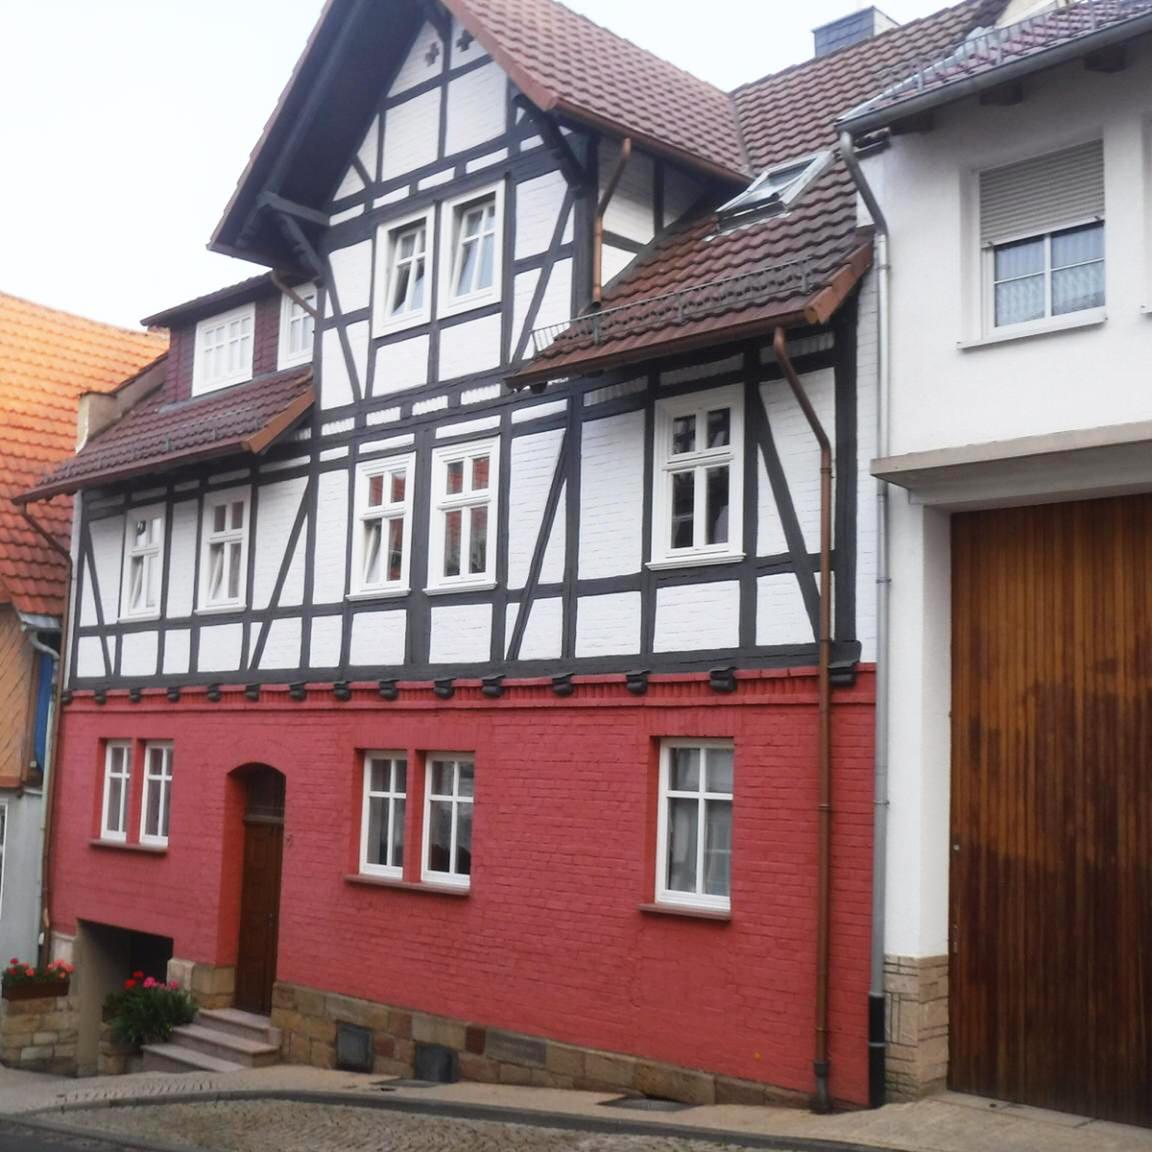 Zimmer/Monteurwohnung Haus Siegner mit Schlossblick, Pension in Spangenberg bei Kassel